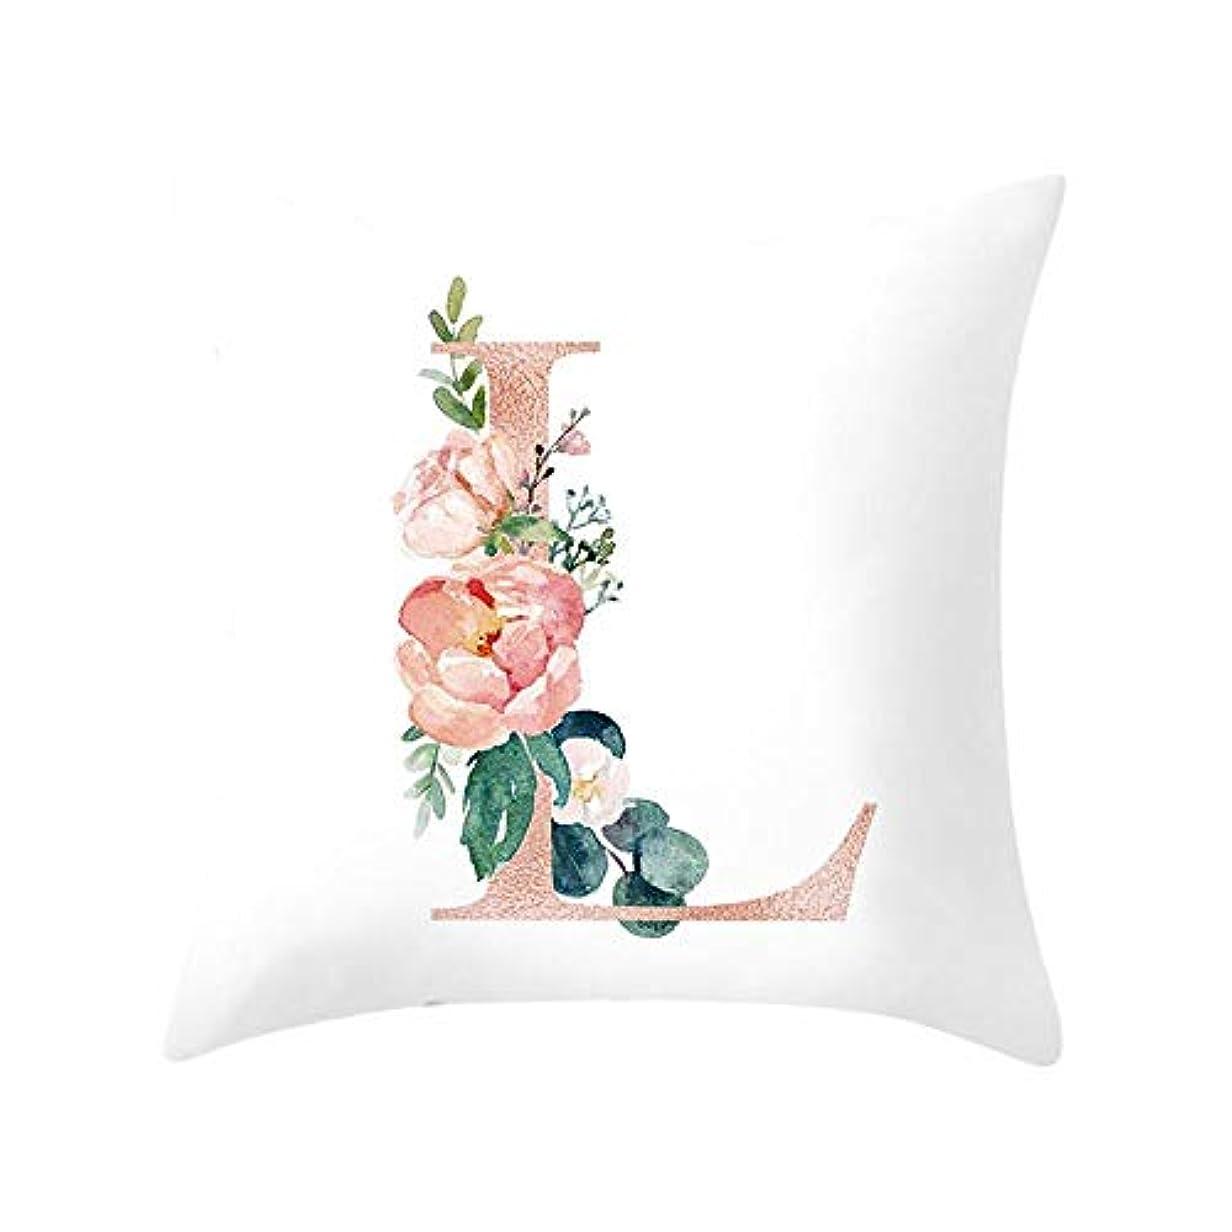 ミケランジェロ特徴あいにくLIFE 装飾クッションソファ手紙枕アルファベットクッション印刷ソファ家の装飾の花枕 coussin decoratif クッション 椅子